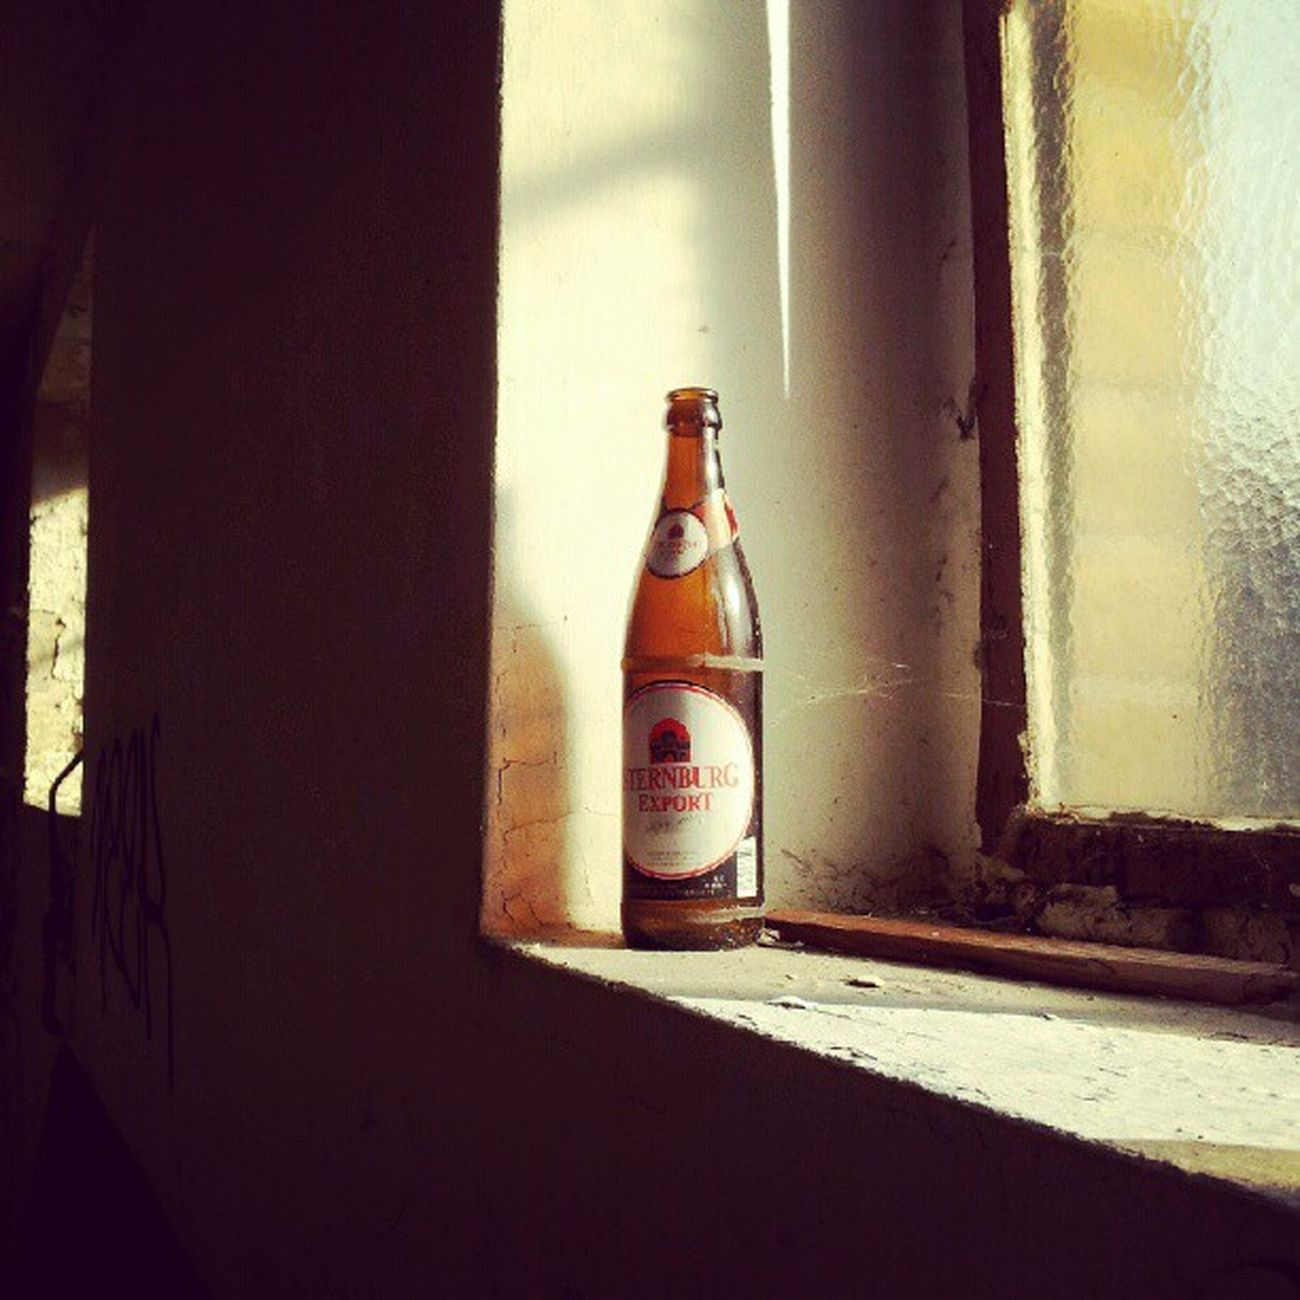 #Urbex Rust Sterni Lost Rotten Bier Urbex Sternburg Urbanexploration Lostplaces Lostplace Beer